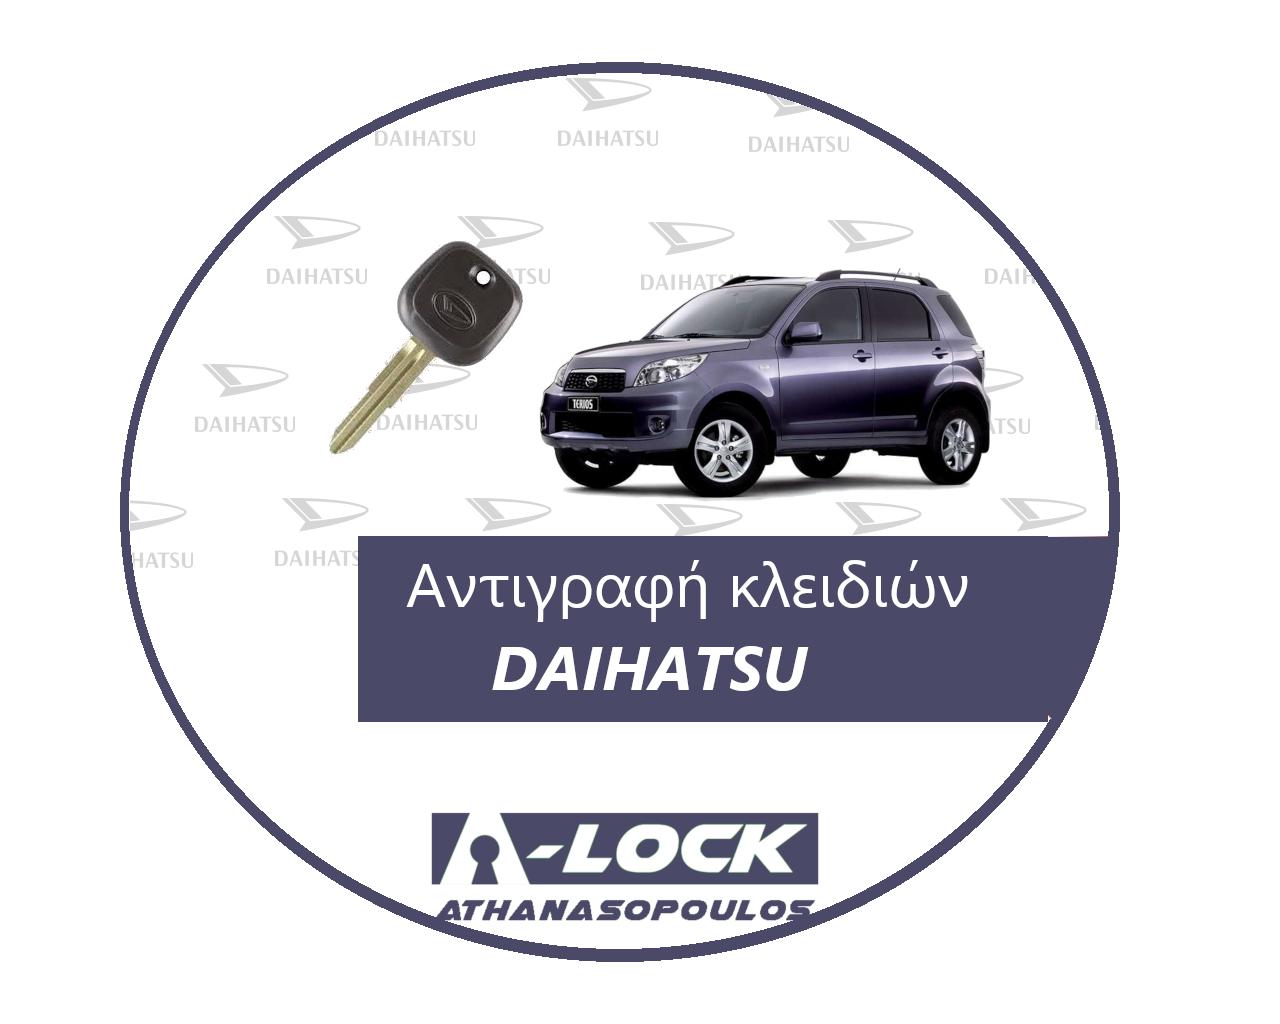 Αντιγραφές & Επισκευές Κλειδιών Immobilizer Αυτοκινήτου Daihatsu - 24 Ωρες Κλειδαράς Γαλάτσι A-Lock Αθανασόπουλος